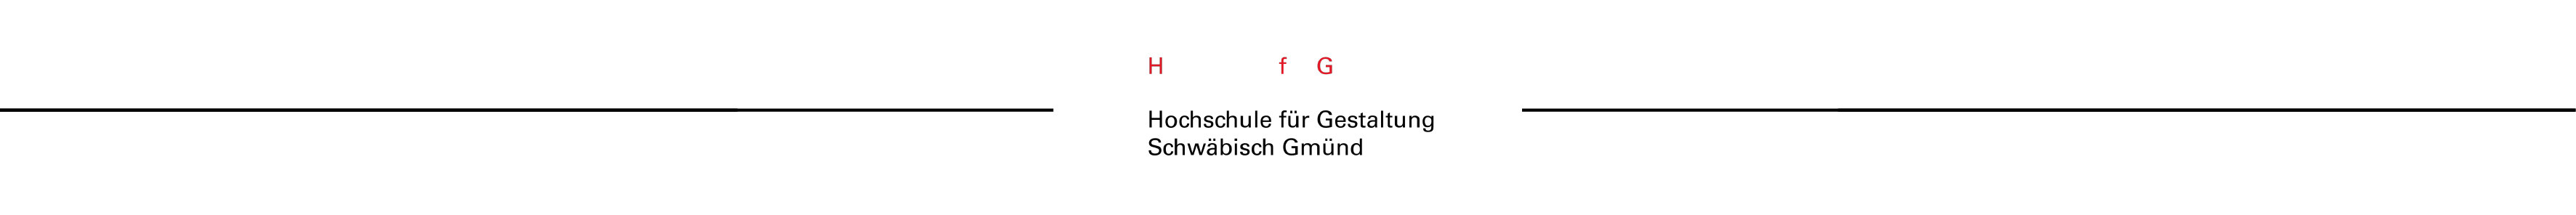 cooperation-hfg_Zeichenfläche-1-1